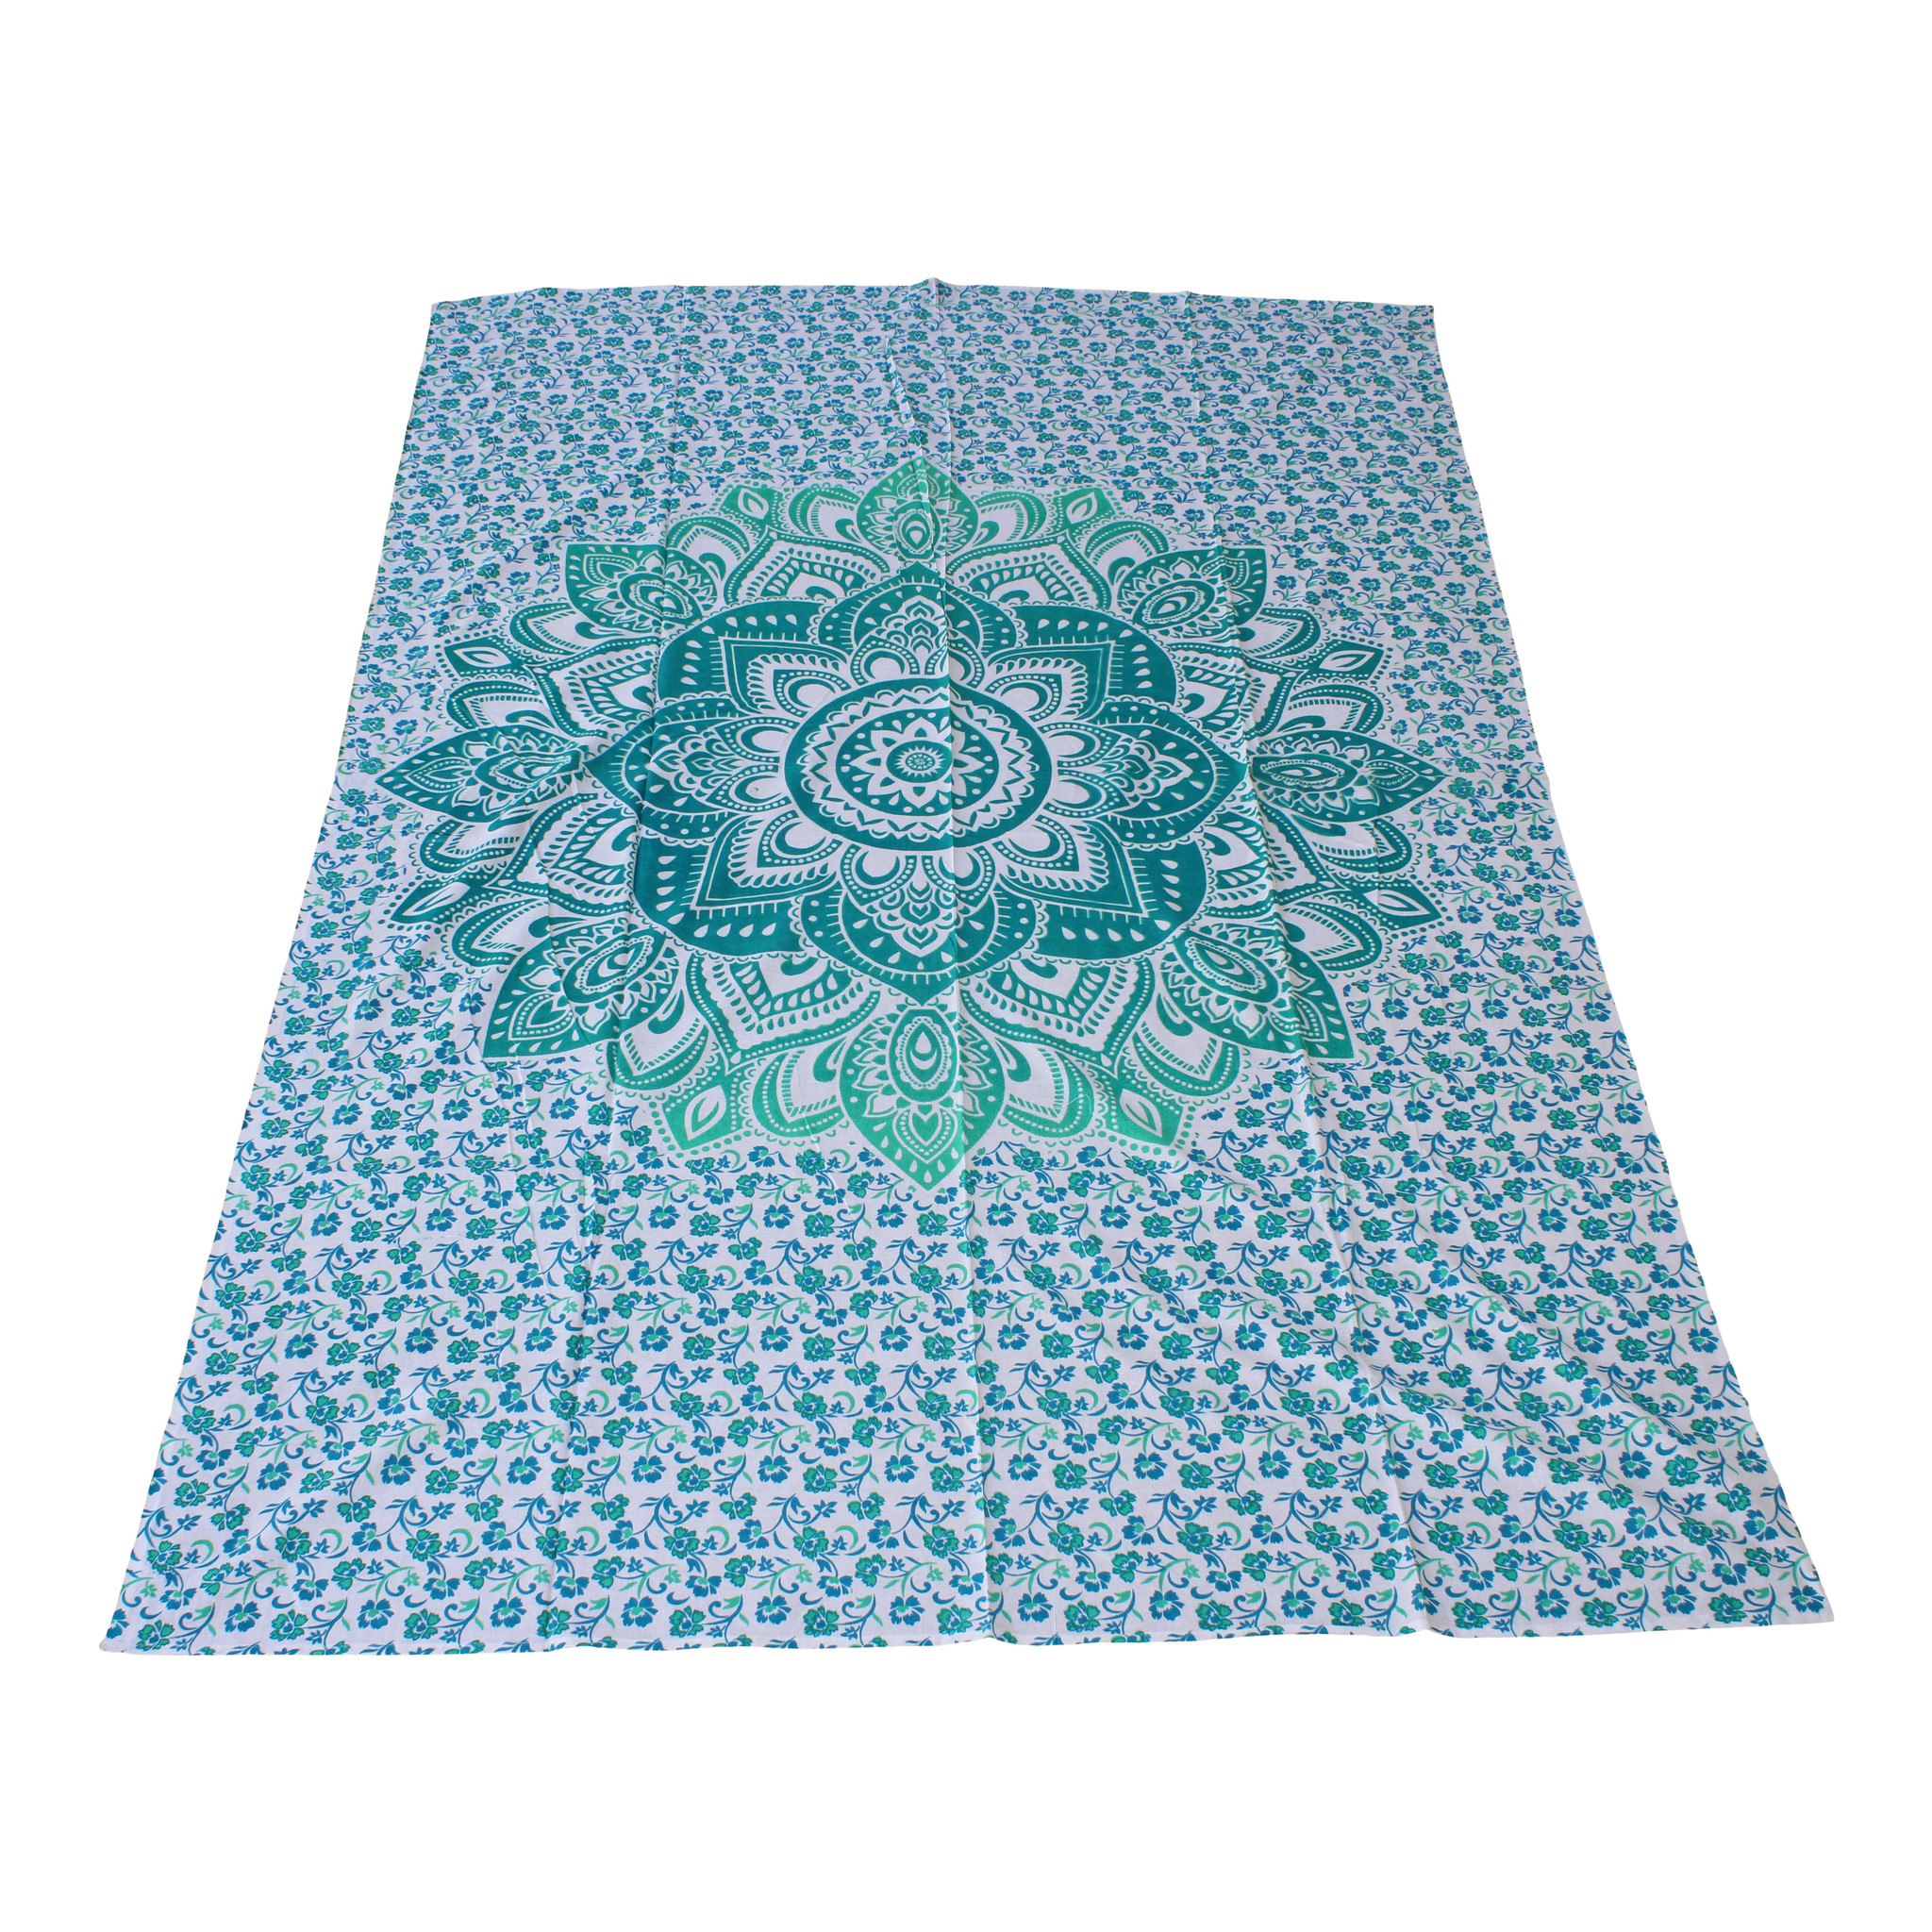 Myroundie Myroundie – roundie  - rechthoekig strandlaken – strandkleed - yoga kleed - picknickkleed - speelkleed - muurkleed - 100% katoen  - 140 x 210 cm - 826